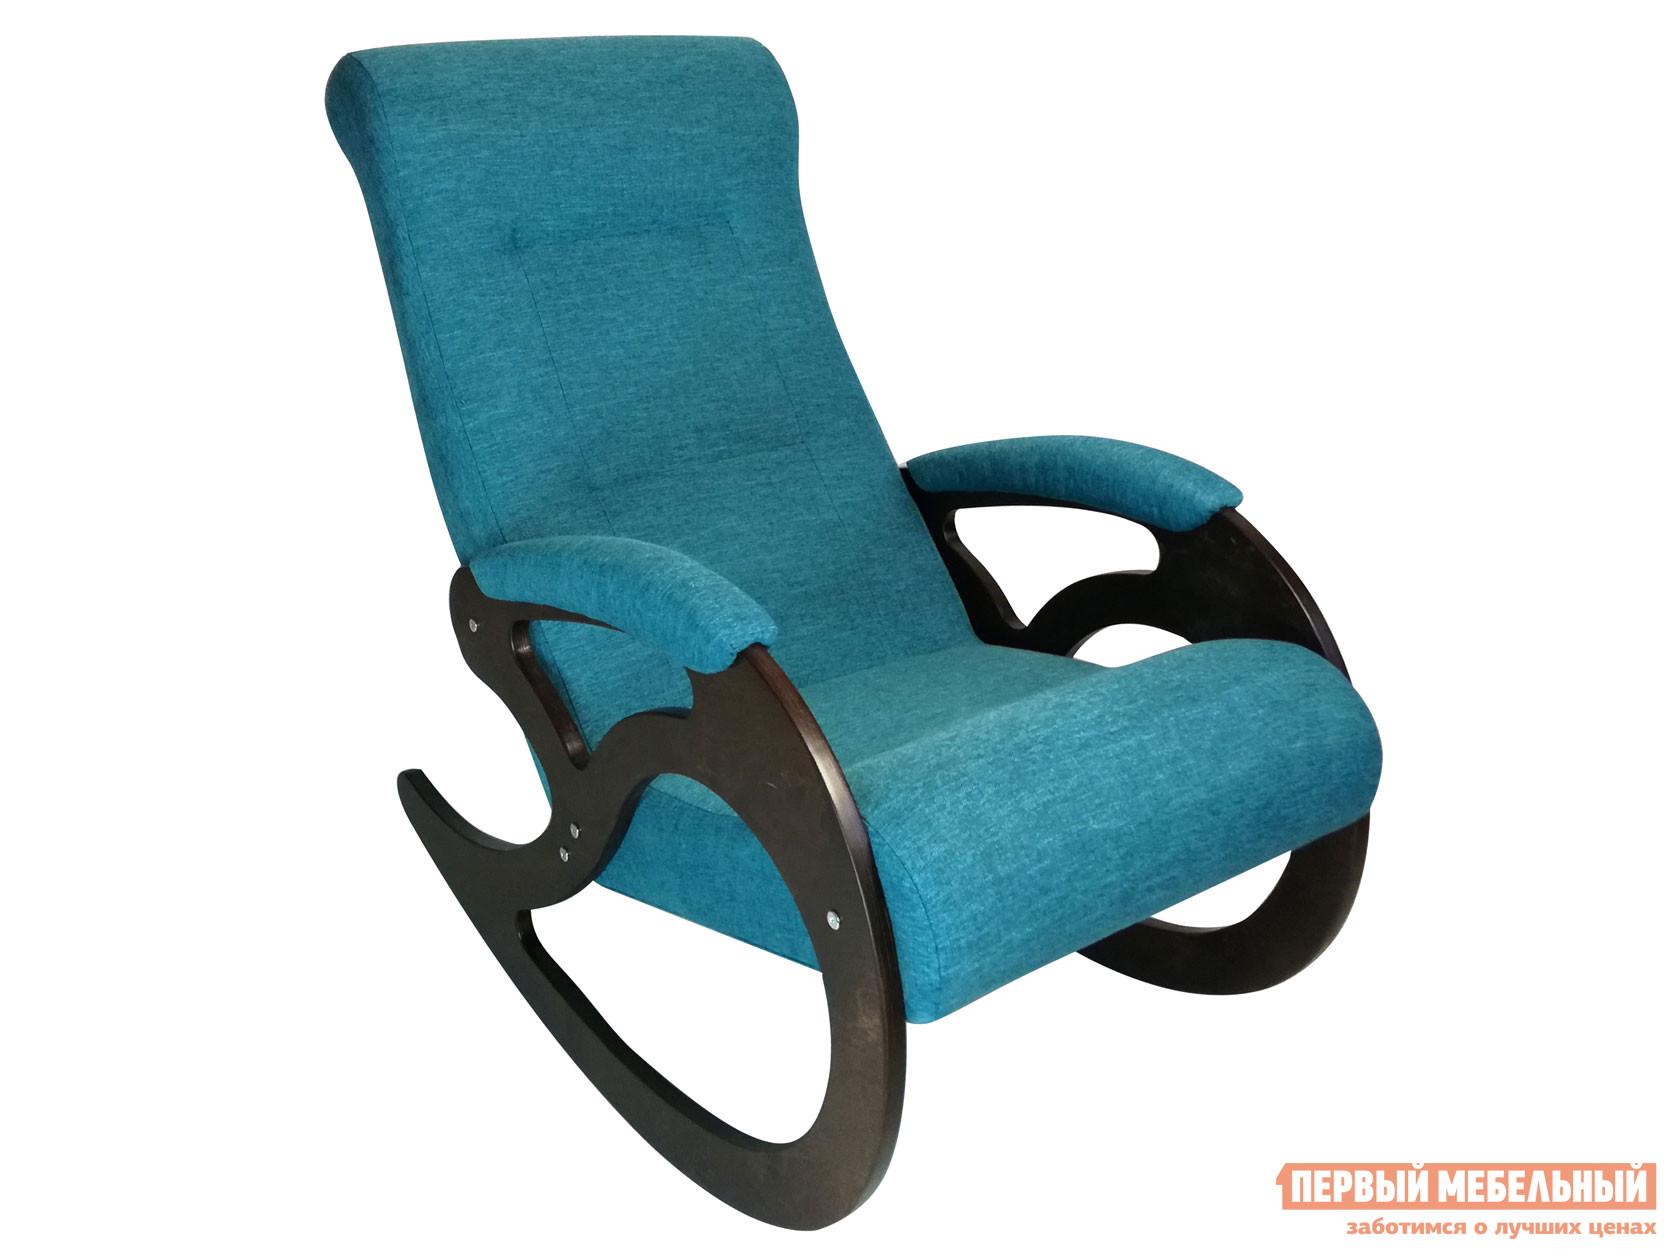 Кресло-качалка  Кресло качалка Венера Темный орех / Бирюзовый, рогожка Мебвилл 127328